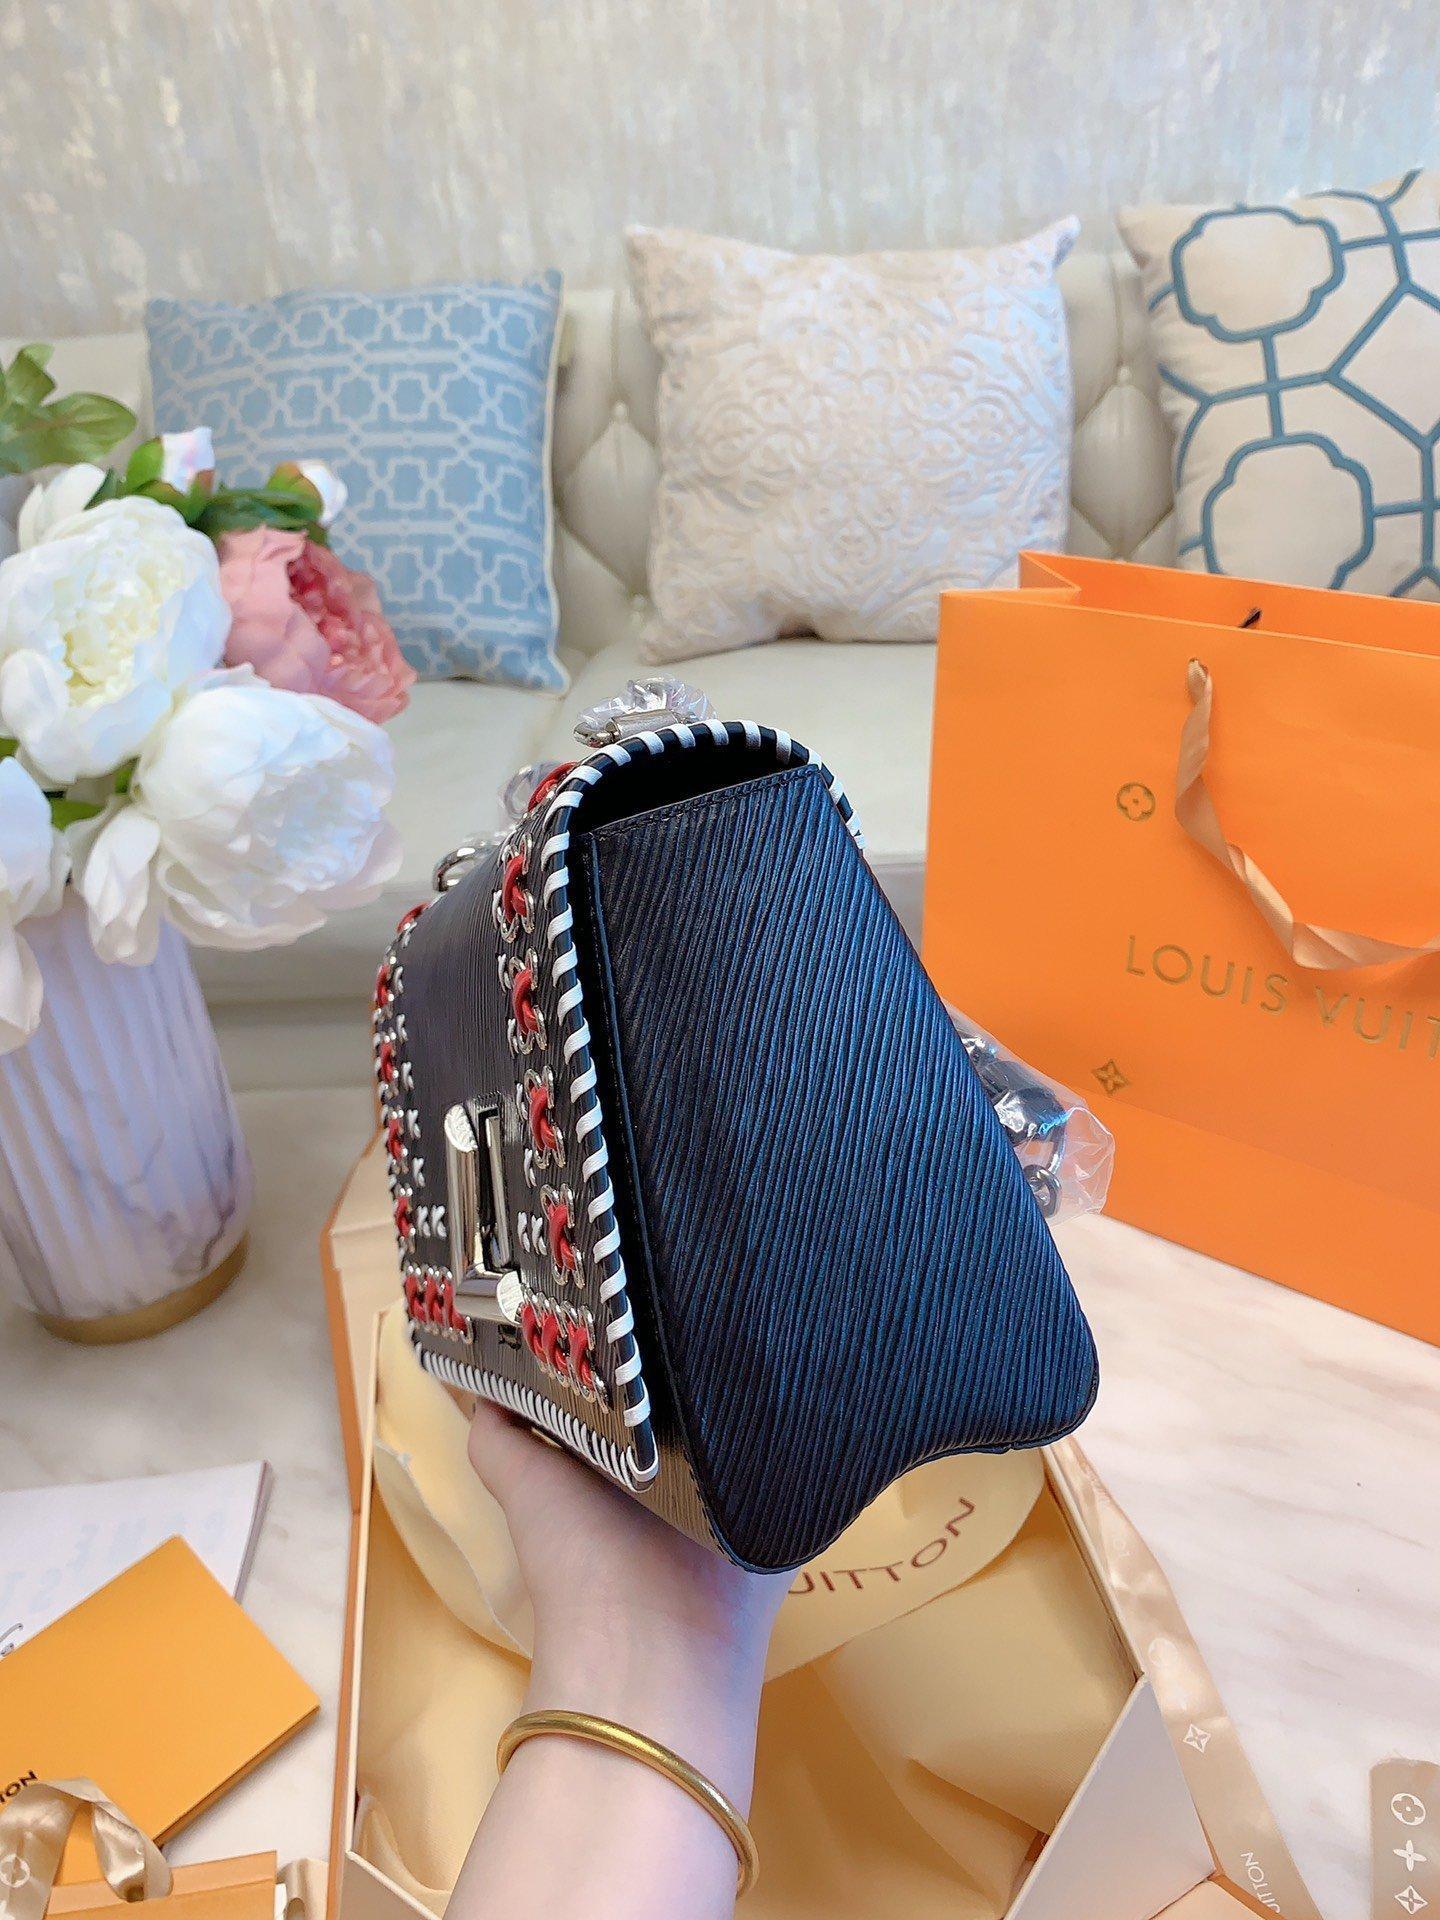 Top-Qualität sackt Handtaschenfrauen der Frauen Handtaschen Geldbörsen toten heißen bester freies Verschiffen des Verkauf 3HSZ